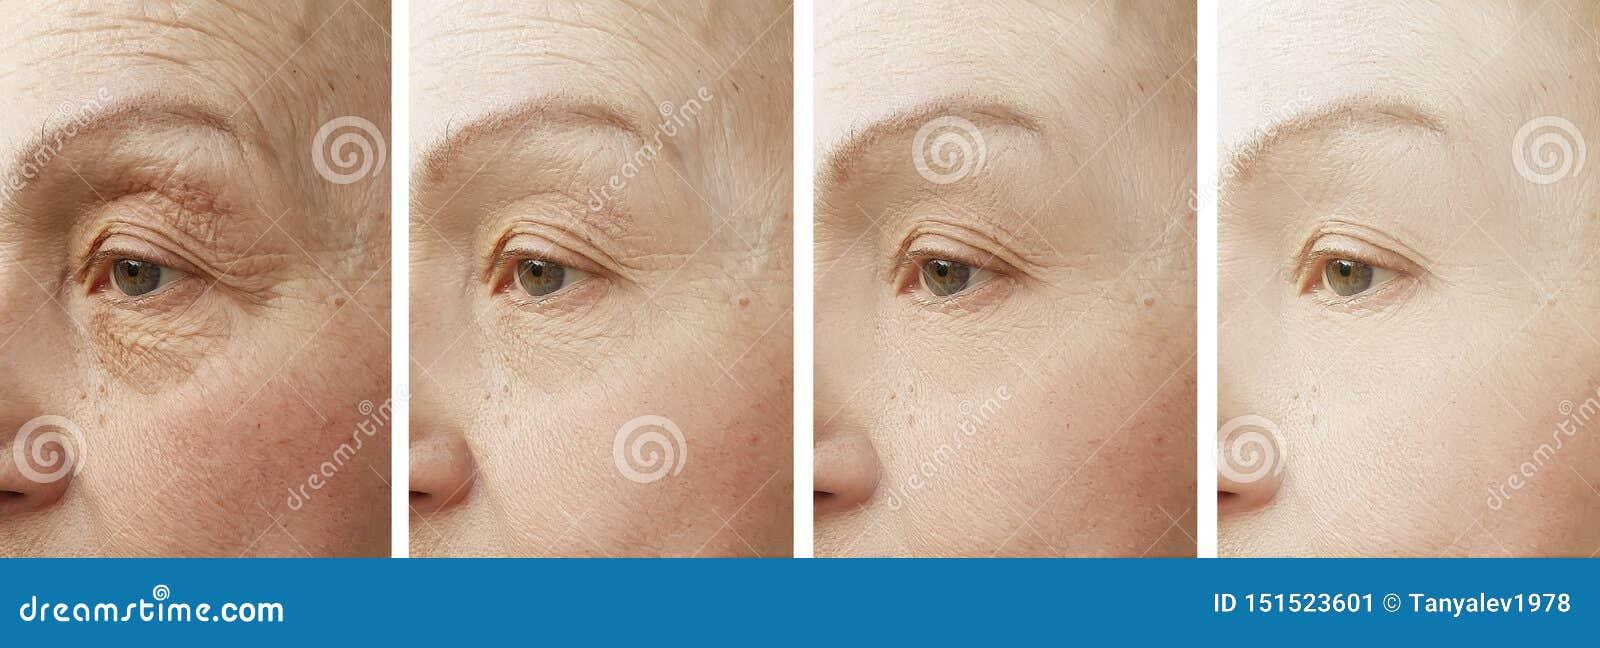 La cara de la mujer arruga al cosmetólogo paciente de la diferencia de la corrección antes y después del rejuvenecimiento del tra